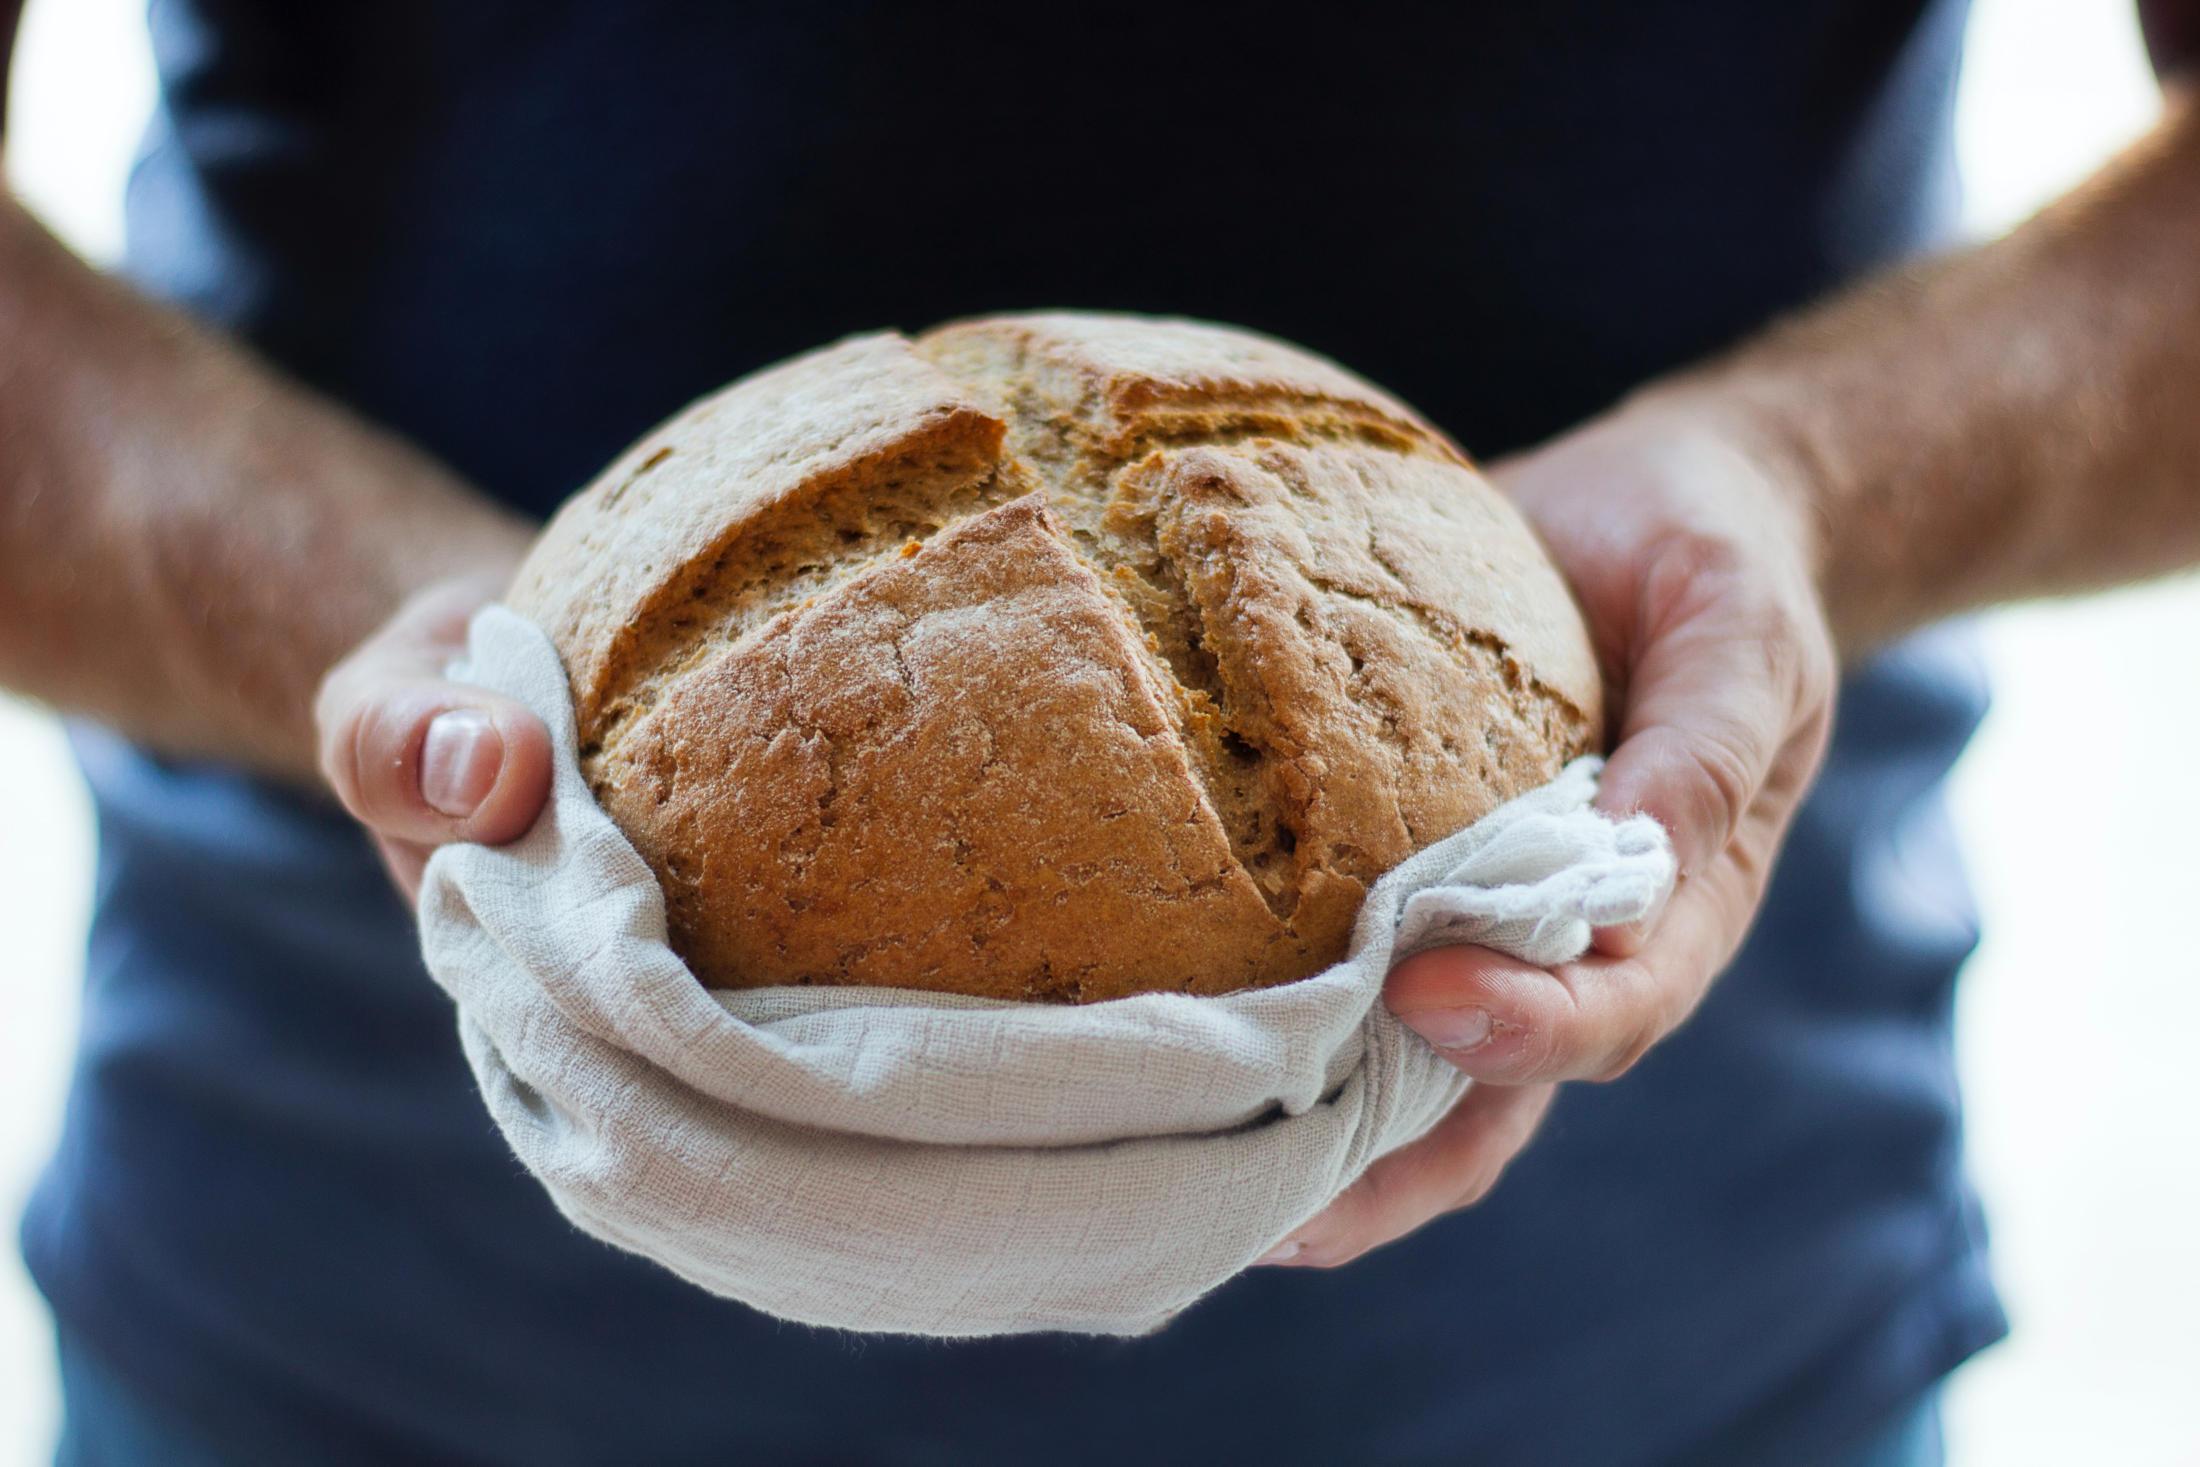 Hände halten ein Brot.